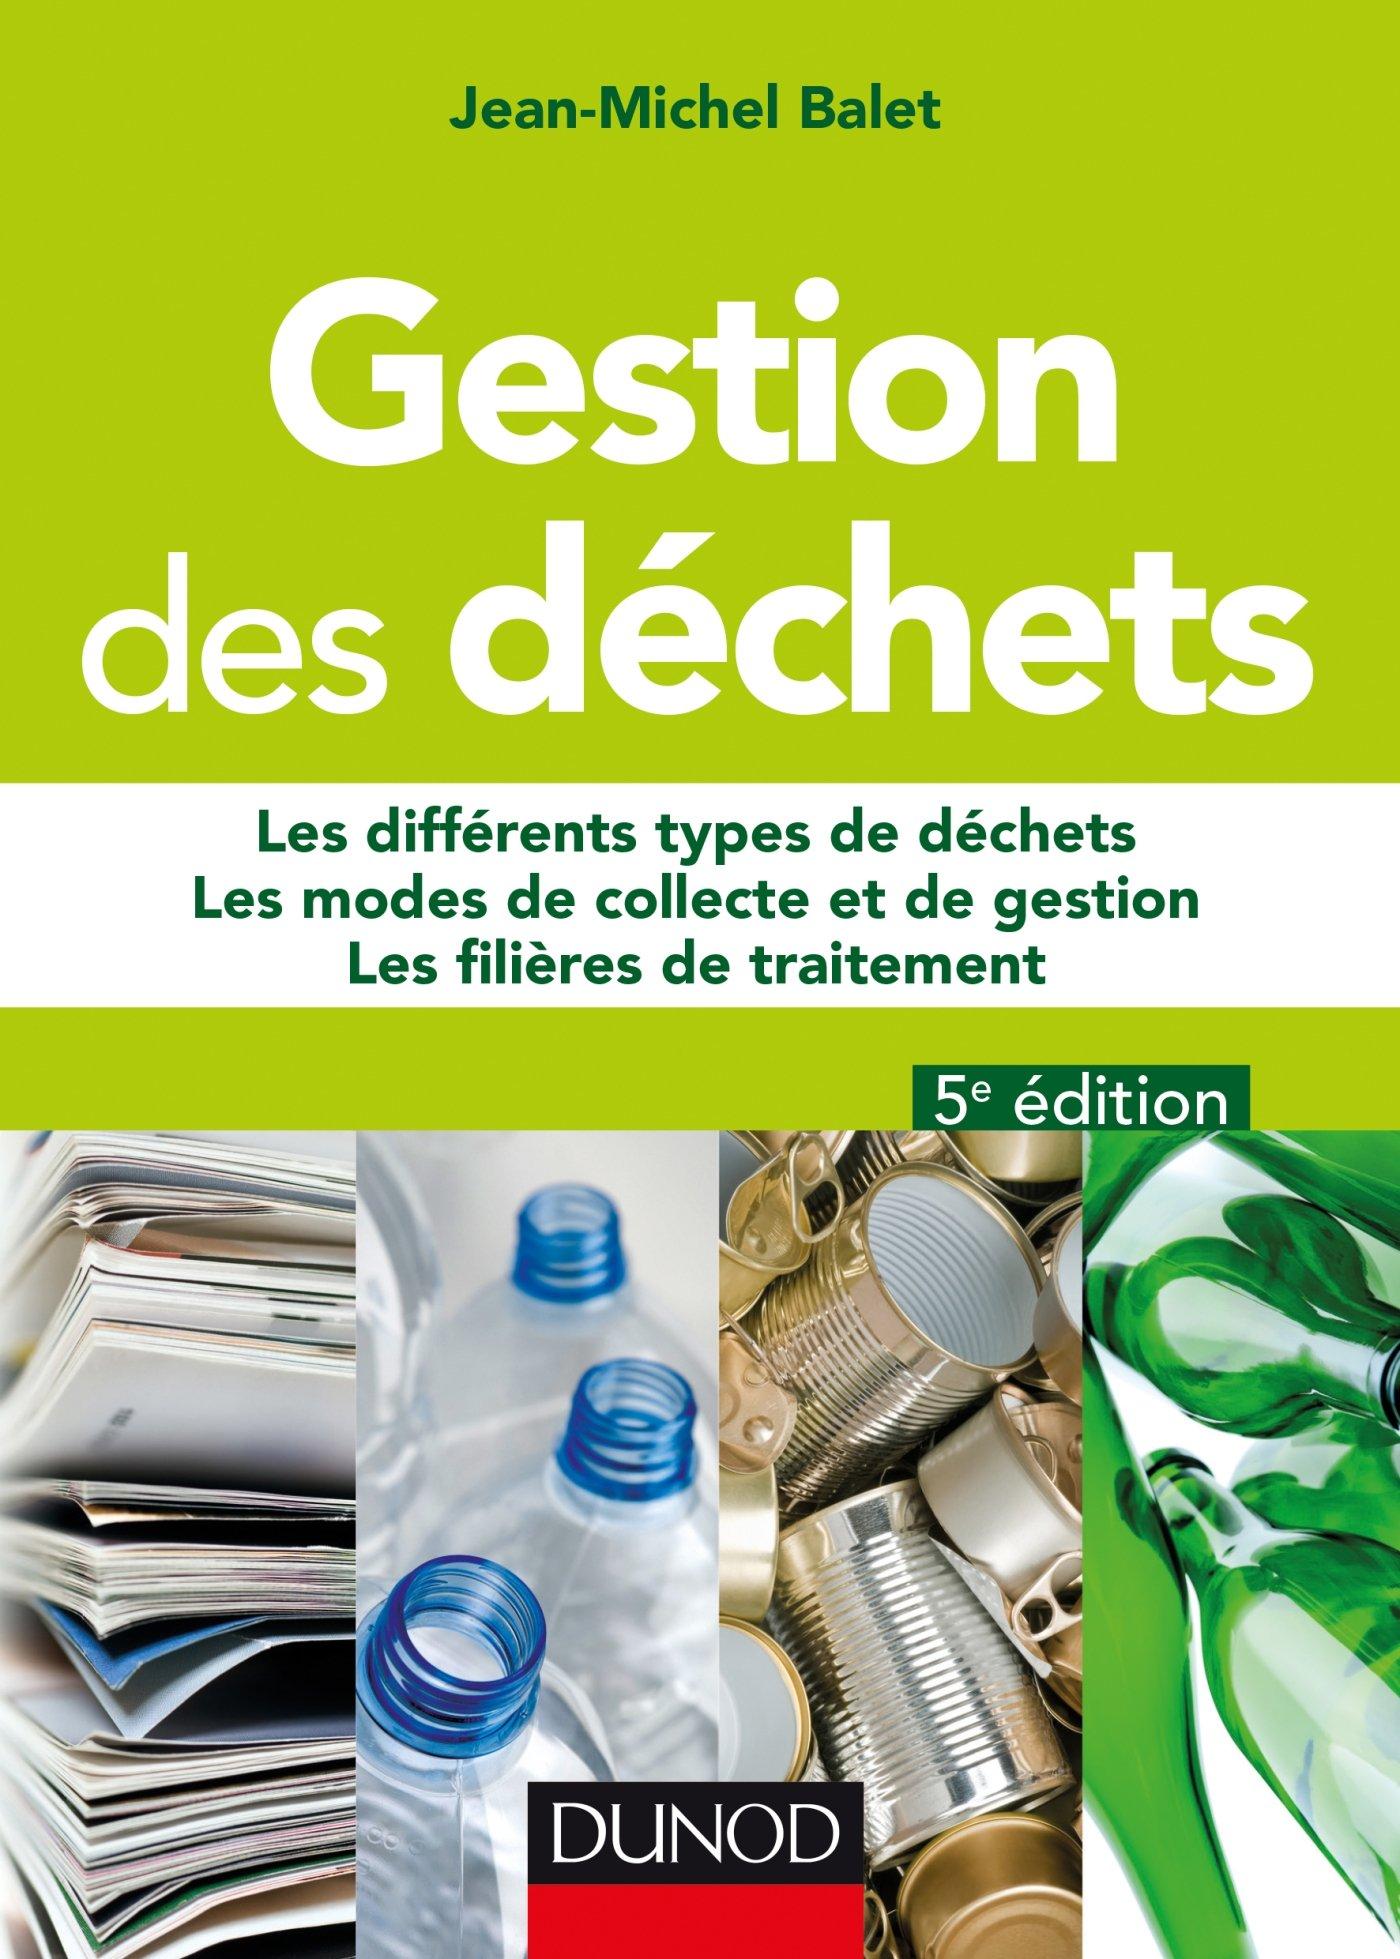 télécharger GESTION DES DÉCHETS - 5E ÉD